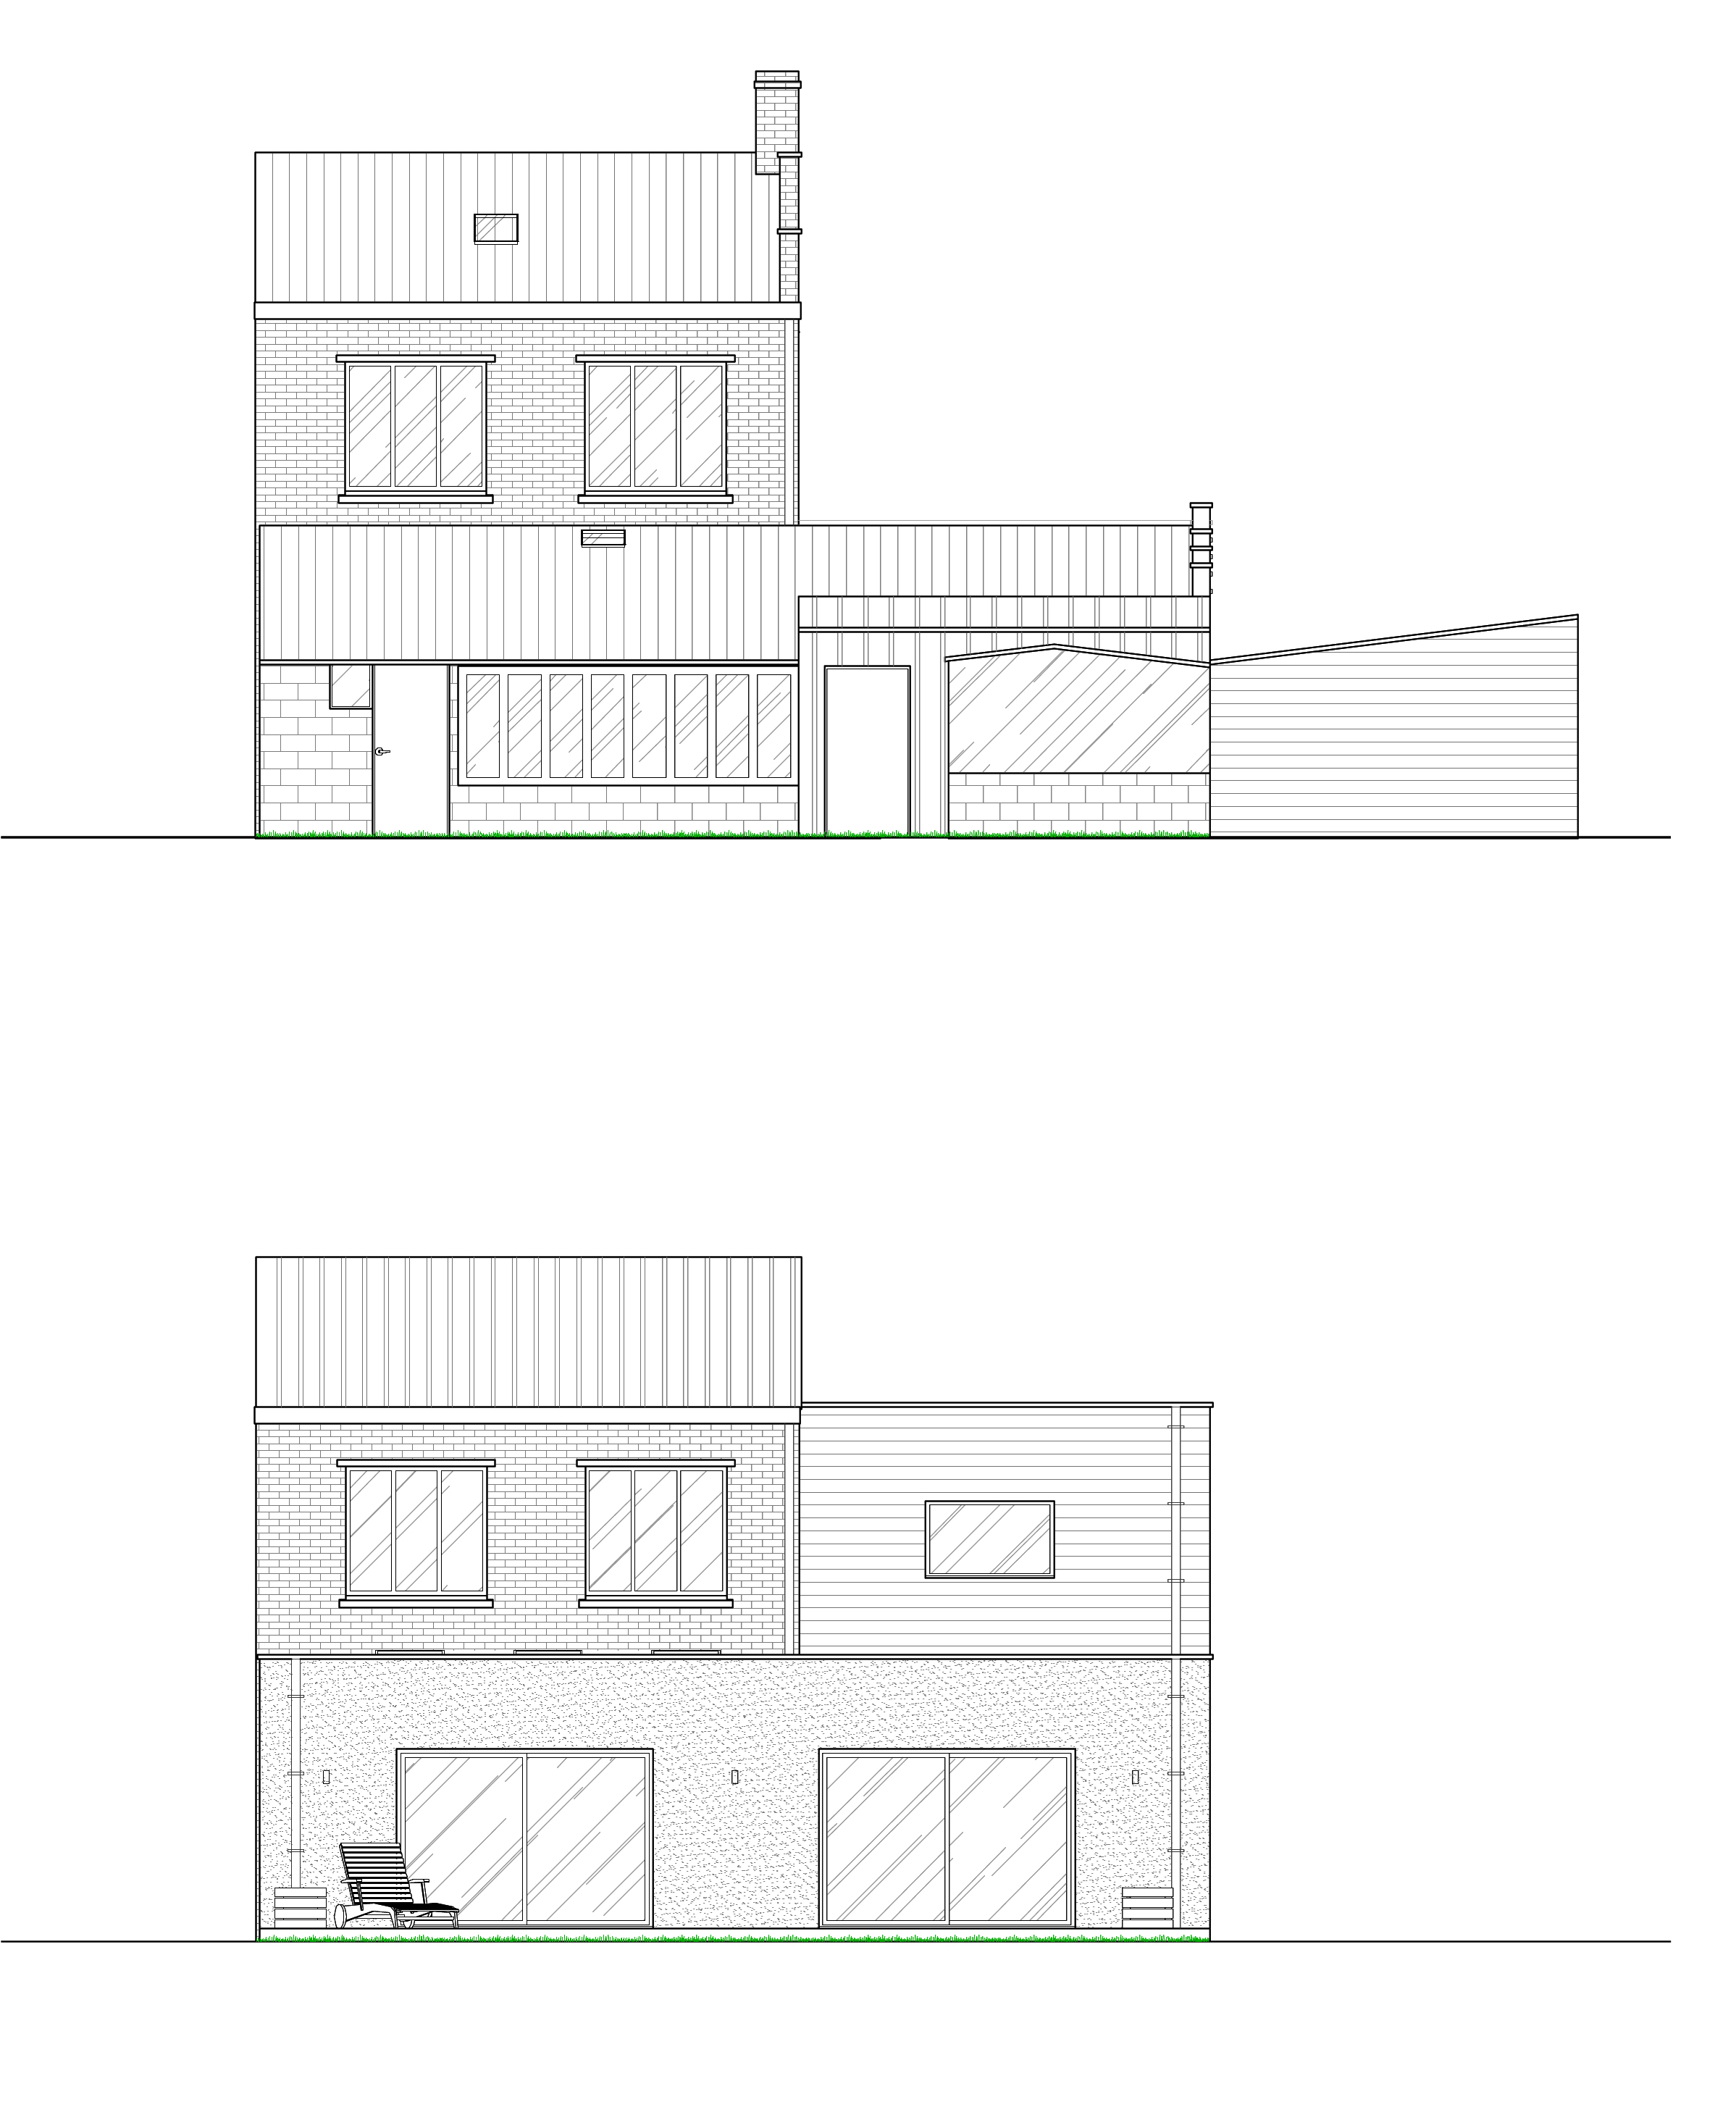 15.27 atelier permis de construire nord 23.1